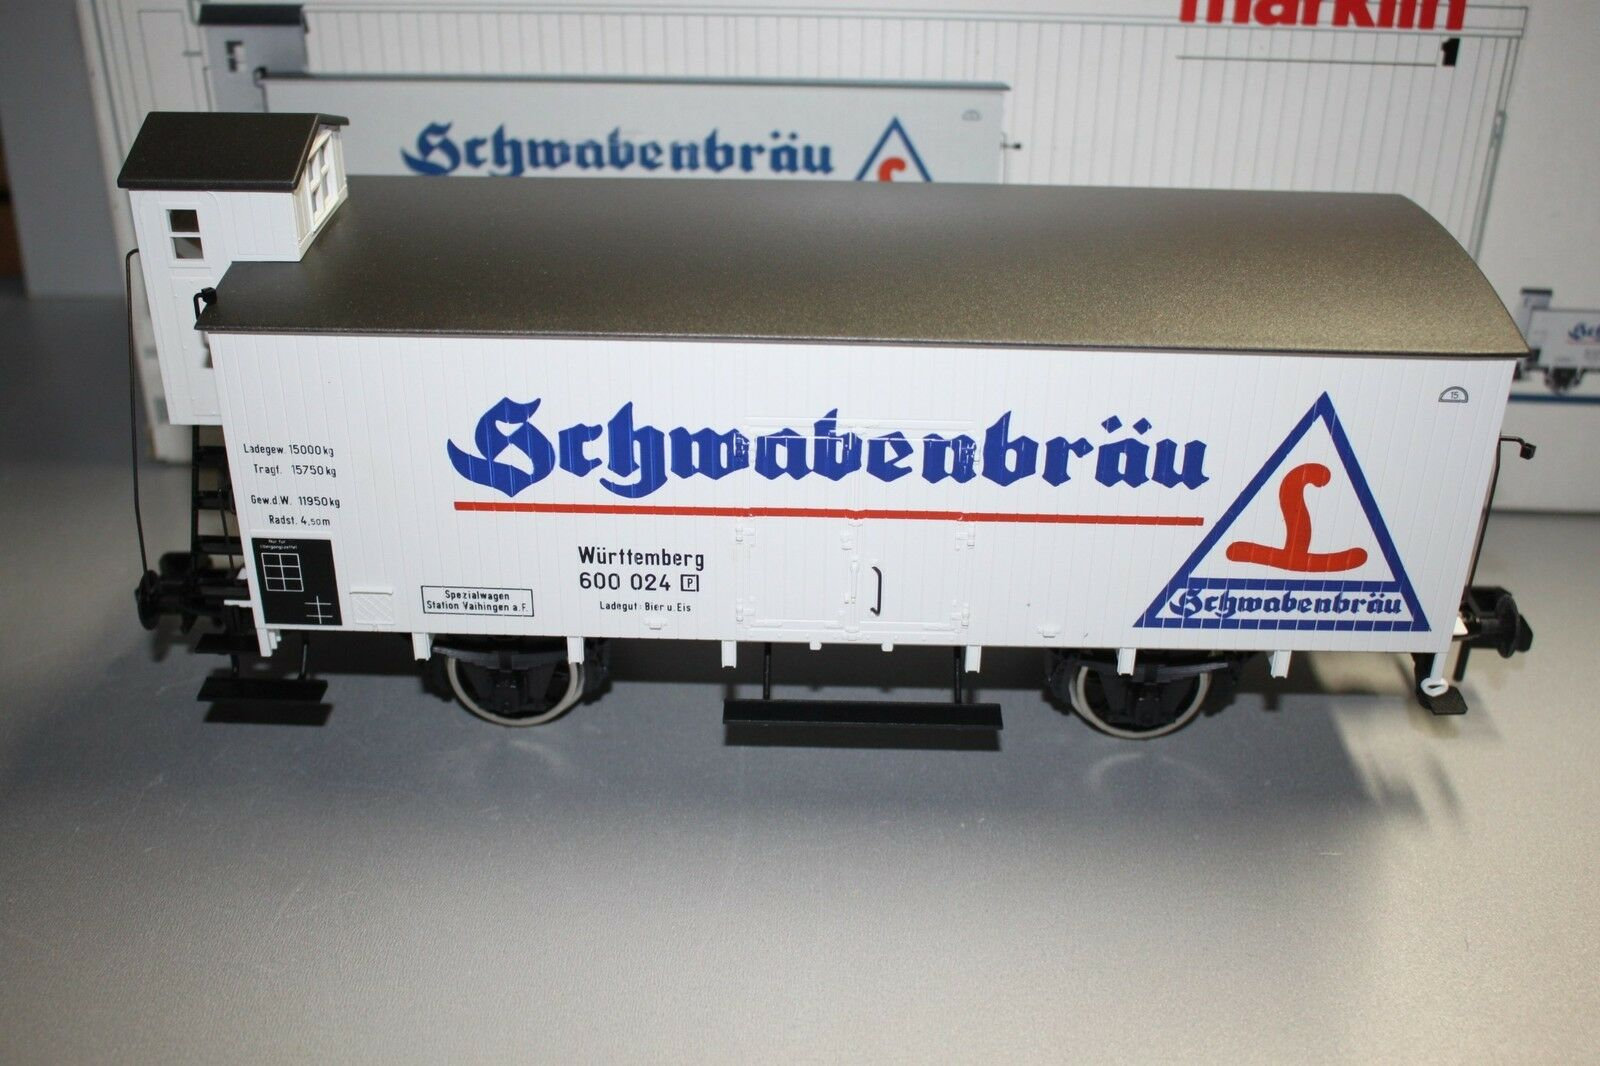 Märklin 5831 2-camion birra carro schwabenbräu Wurtenberg traccia 1 OVP